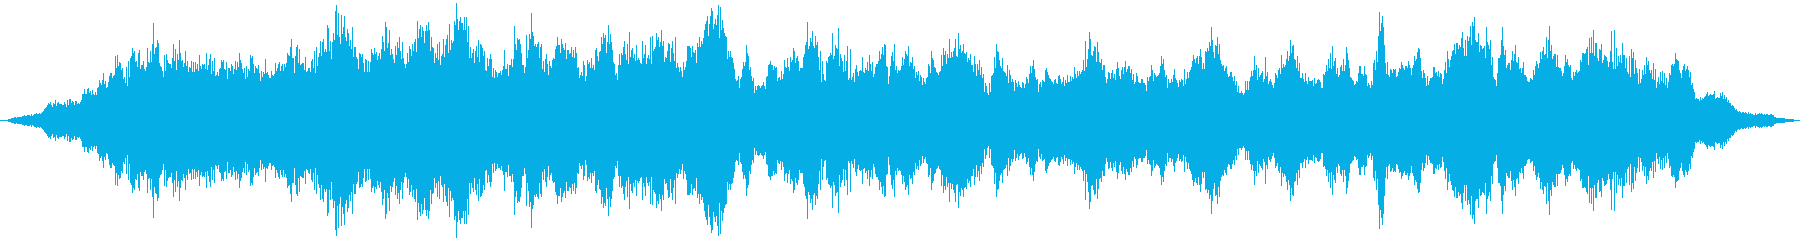 ドローン Scratchy Dro...の再生済みの波形